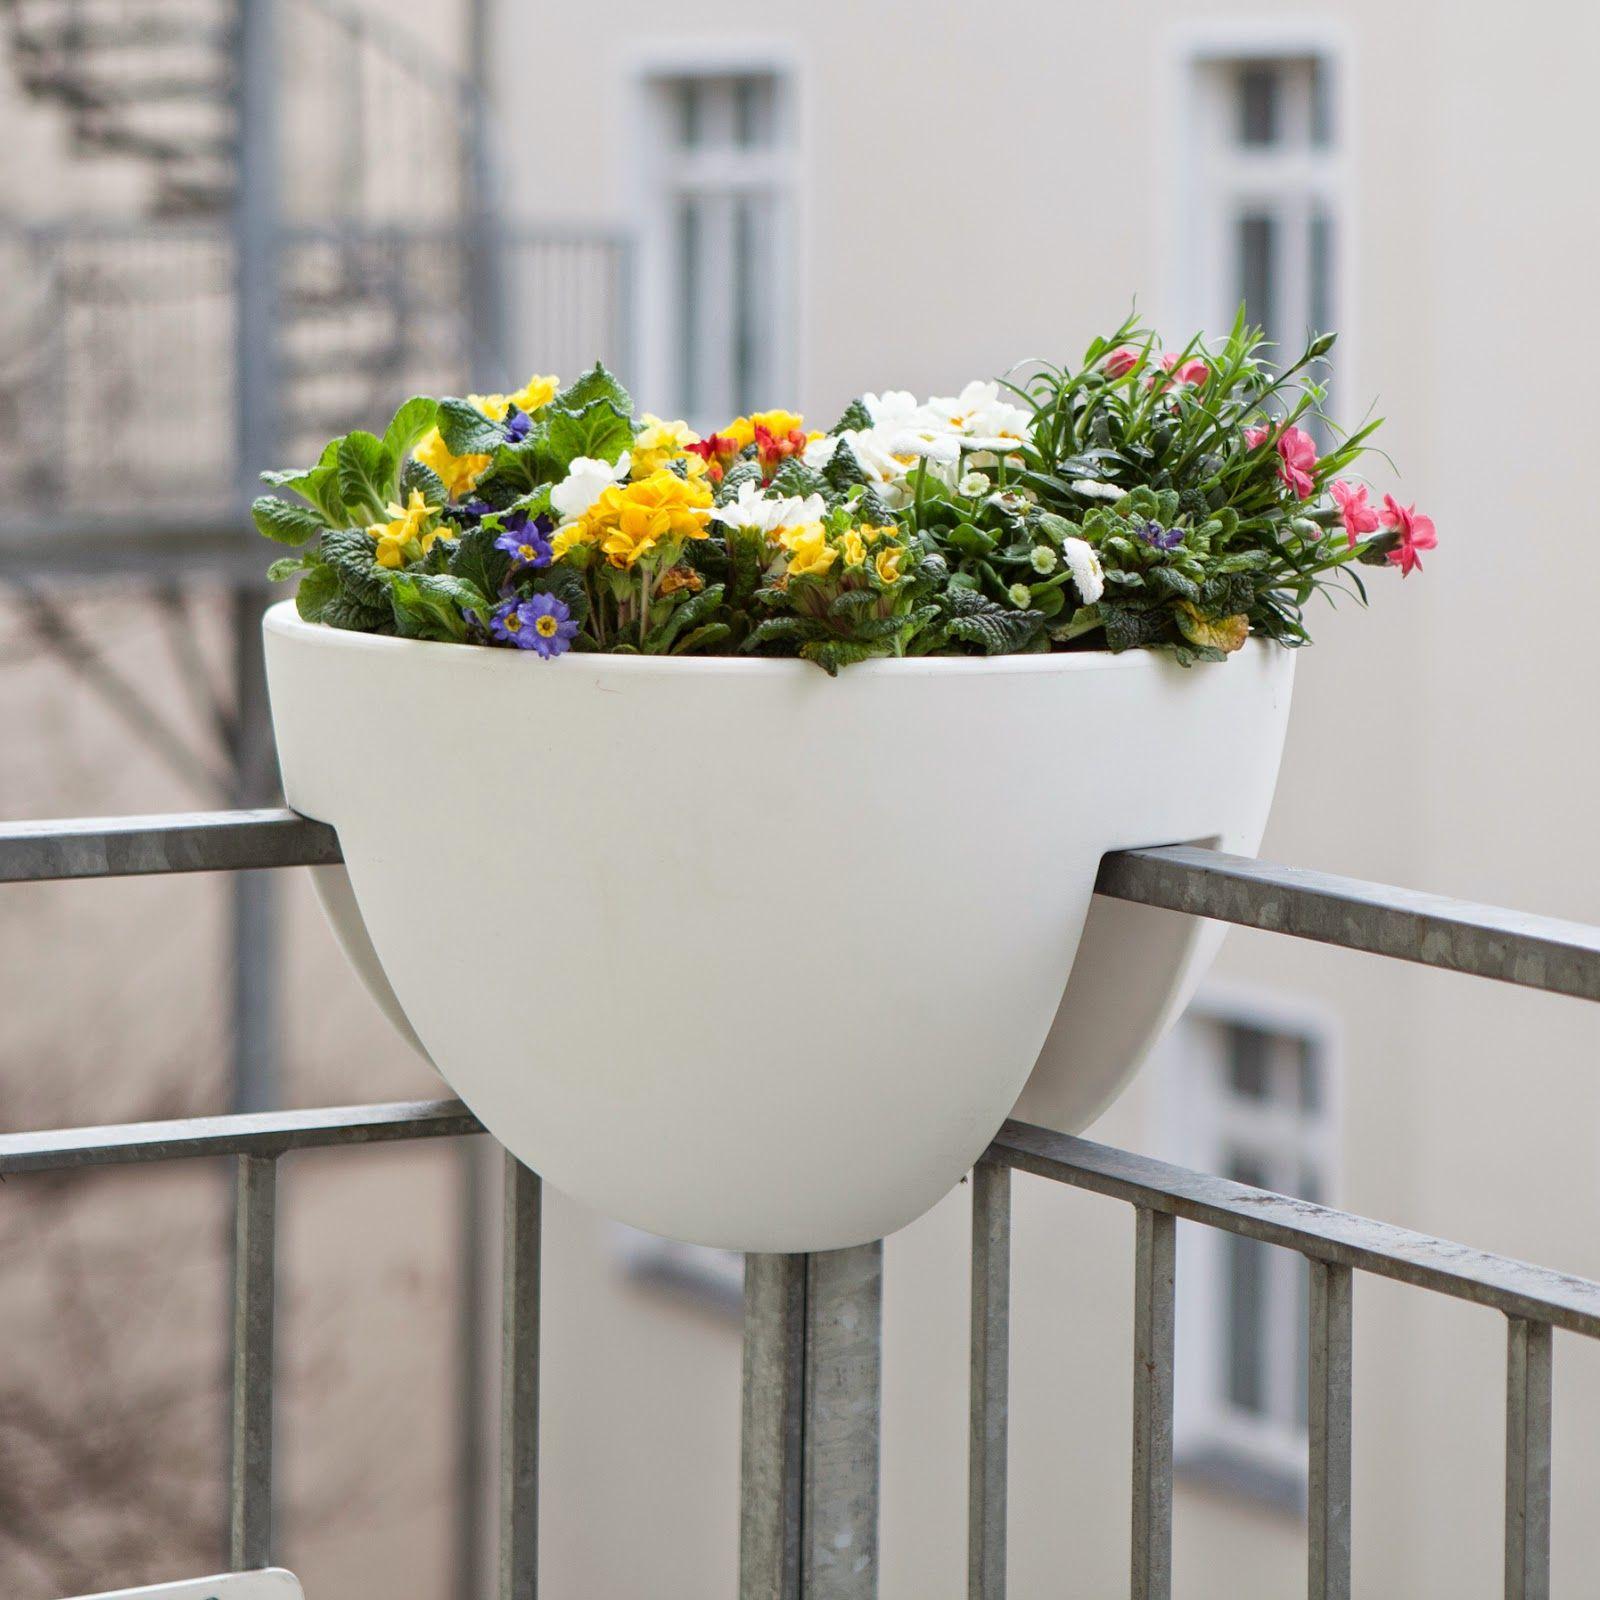 Stunning Eckling The first planter for the balcony corner der erste Blumenkasten f r die Balkonecke